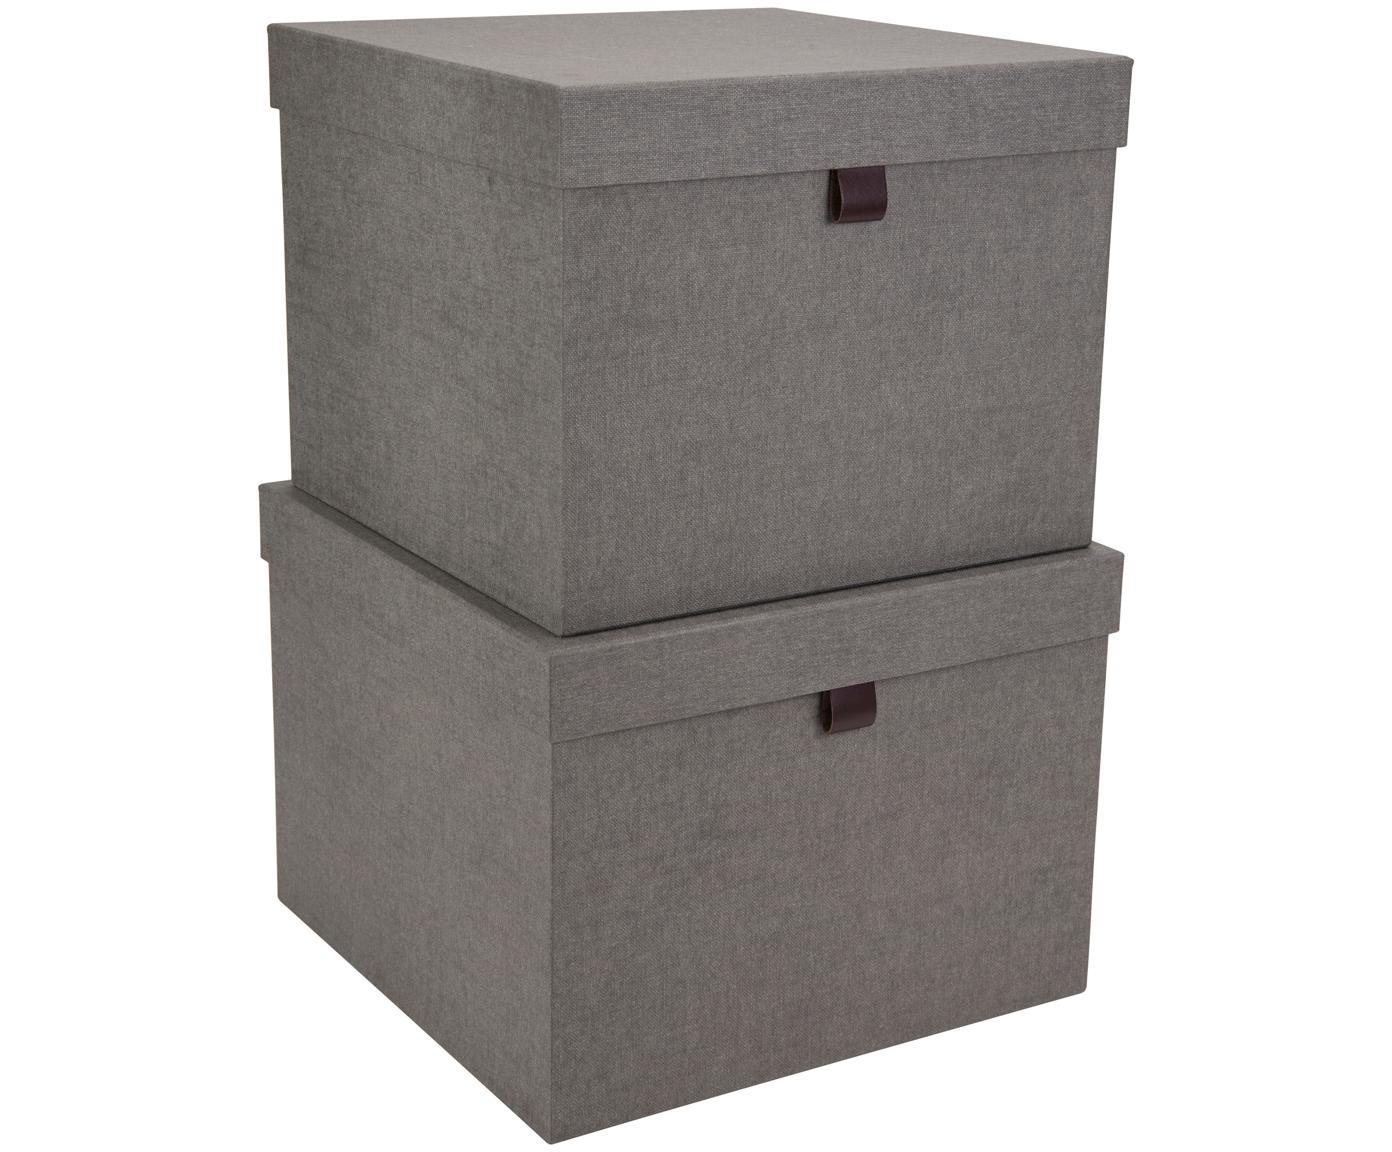 Set 2 scatole Tristan, Scatola: solido, cartone laminato, Manico: pelle, Grigio, Diverse dimensioni